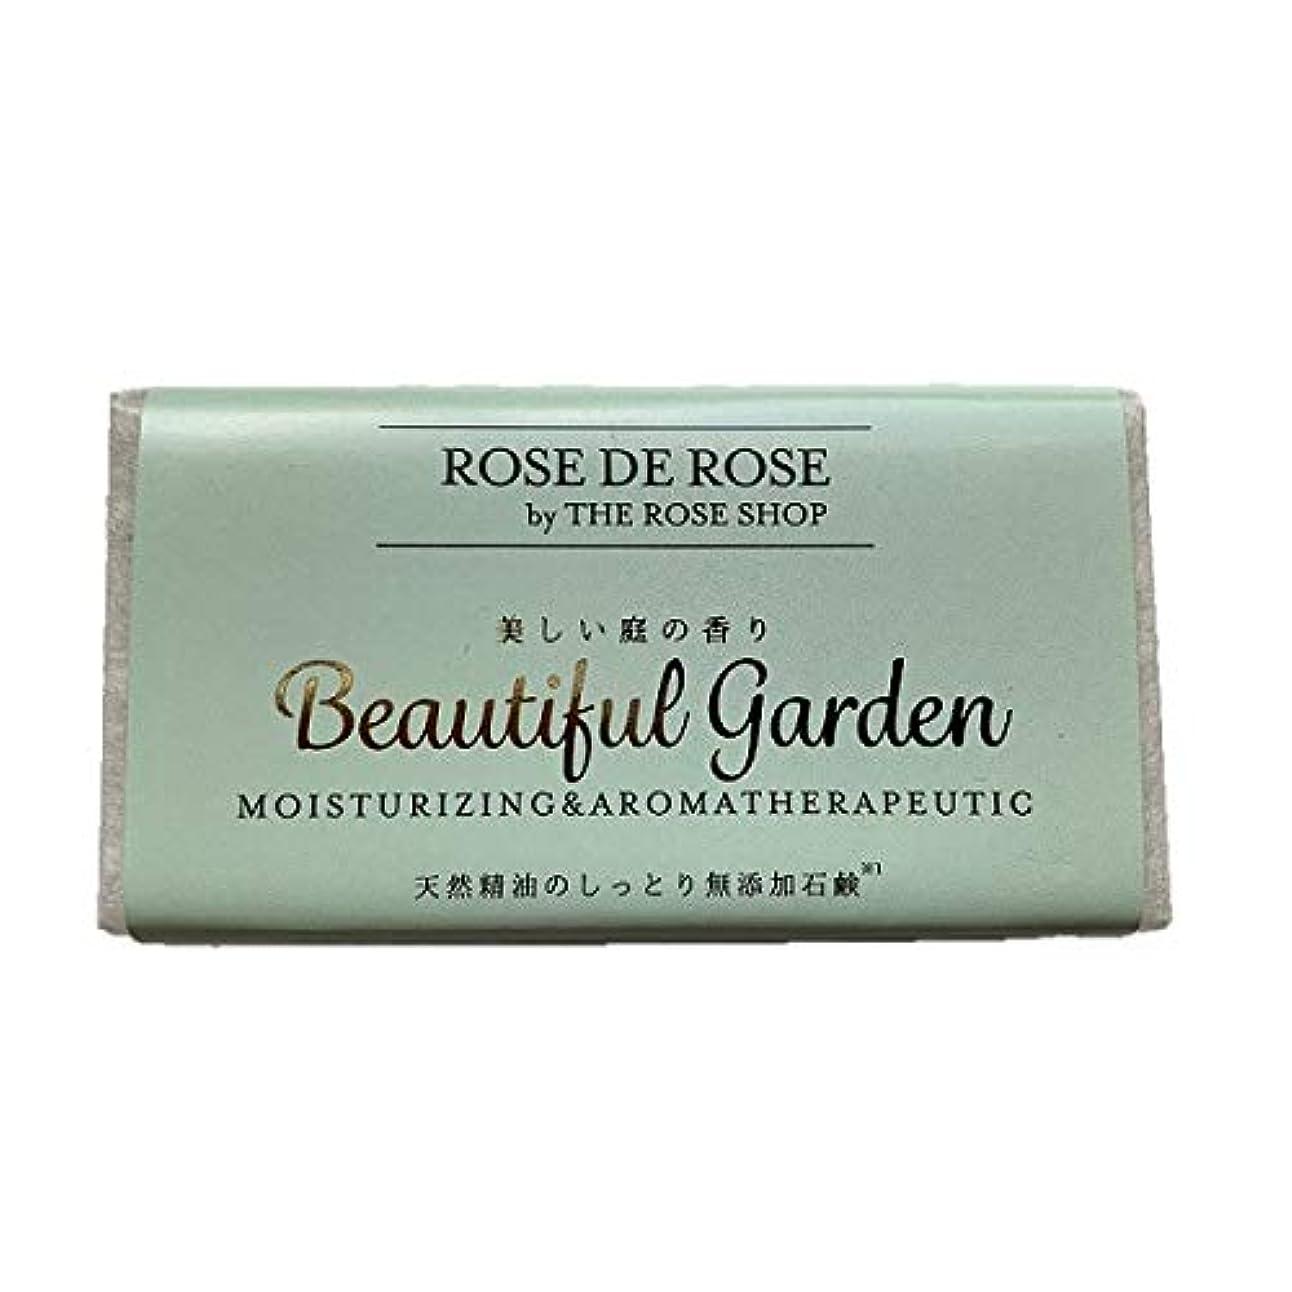 請求可能移民根絶する天然精油の無添加石鹸 「美しい庭の香り ビューティフルガーデン」